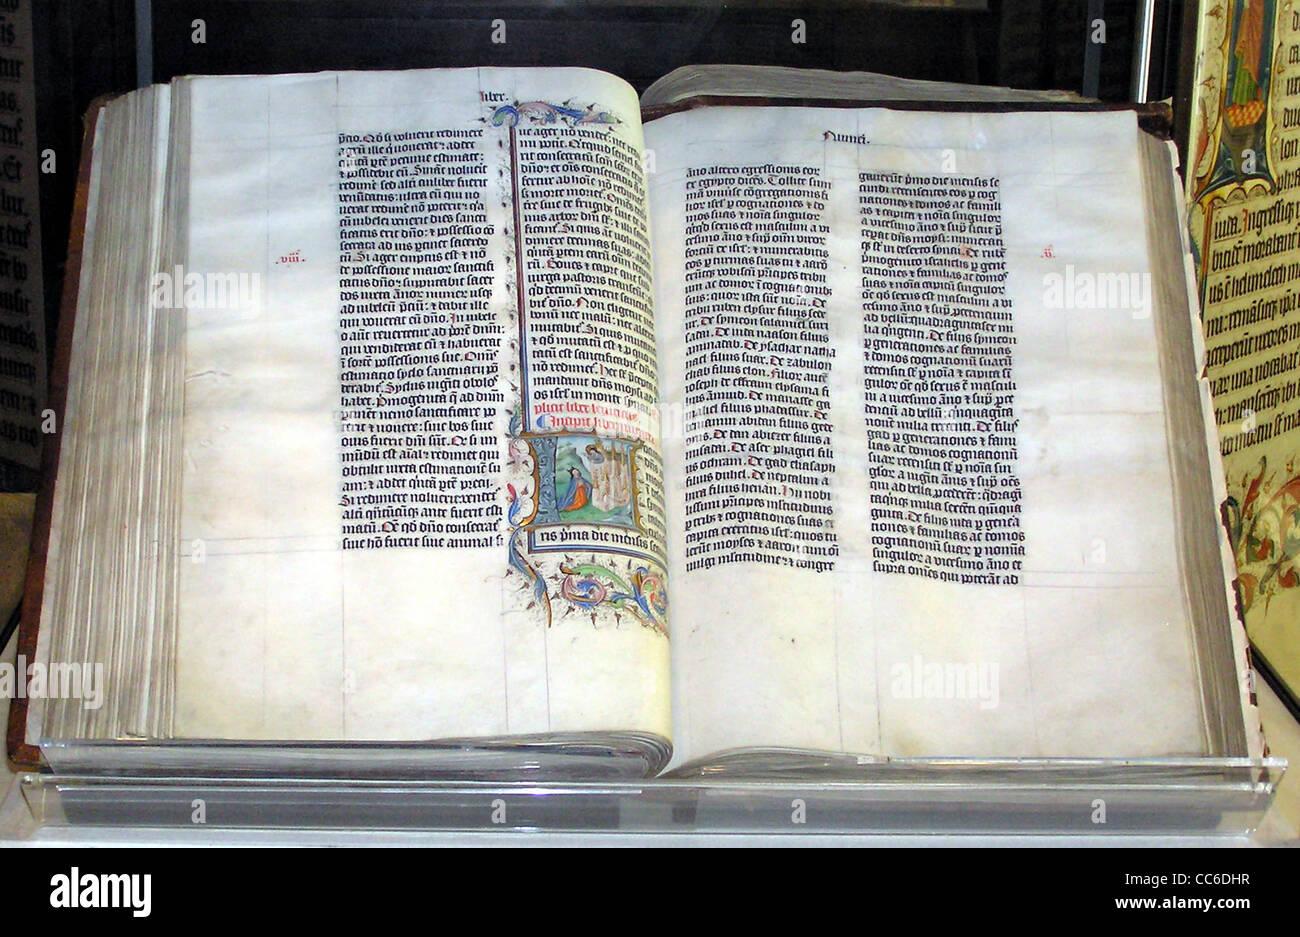 Manuscrit de la Bible en latin, à l'affiche dans l'abbaye de Malmesbury, Wiltshire, Angleterre. Banque D'Images